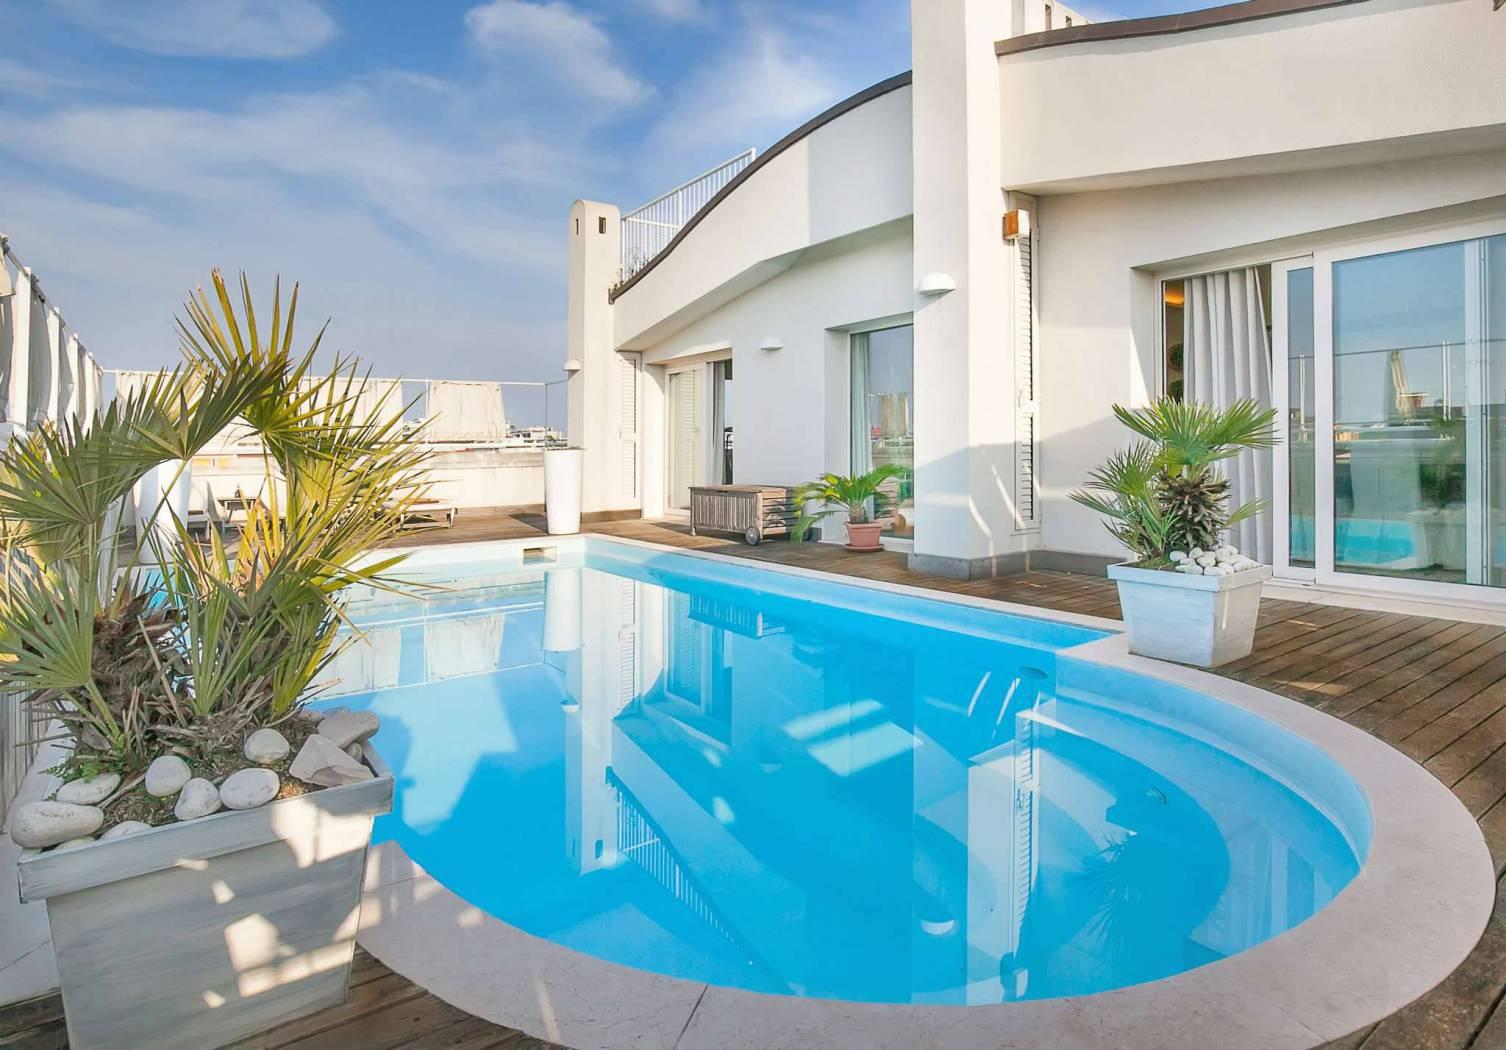 RICCIONE PORTO, attico in vendita con piscina